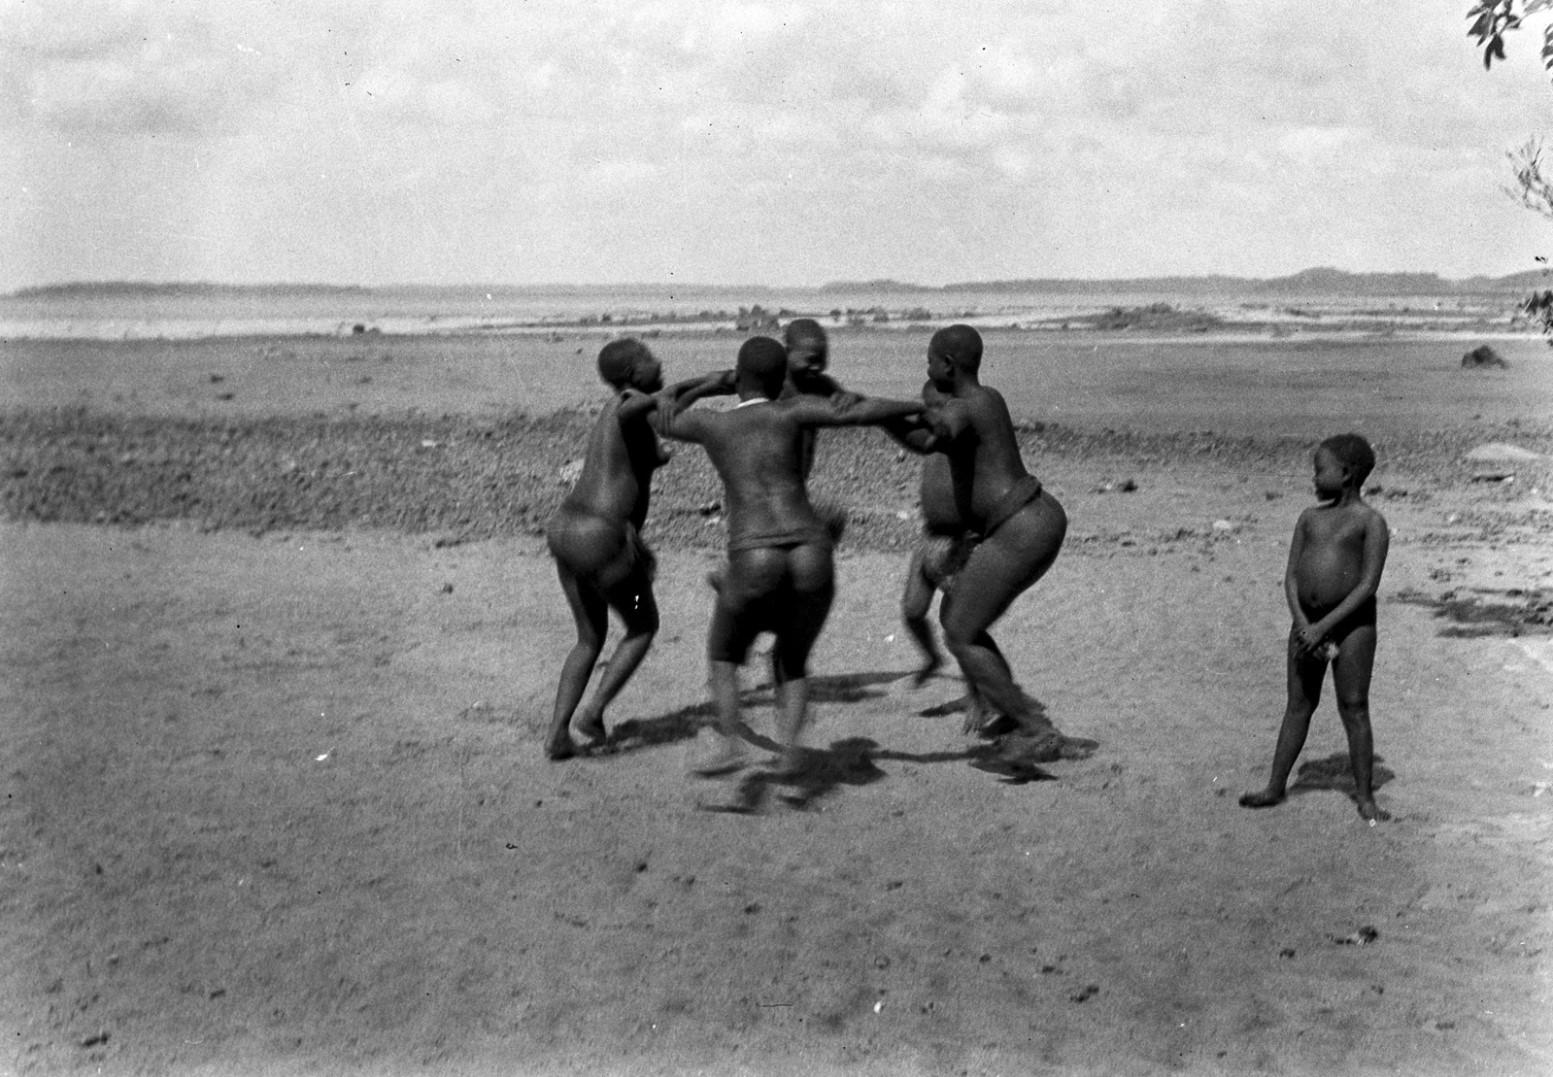 1204. Народность онге. Группа женщин танцует на берегу